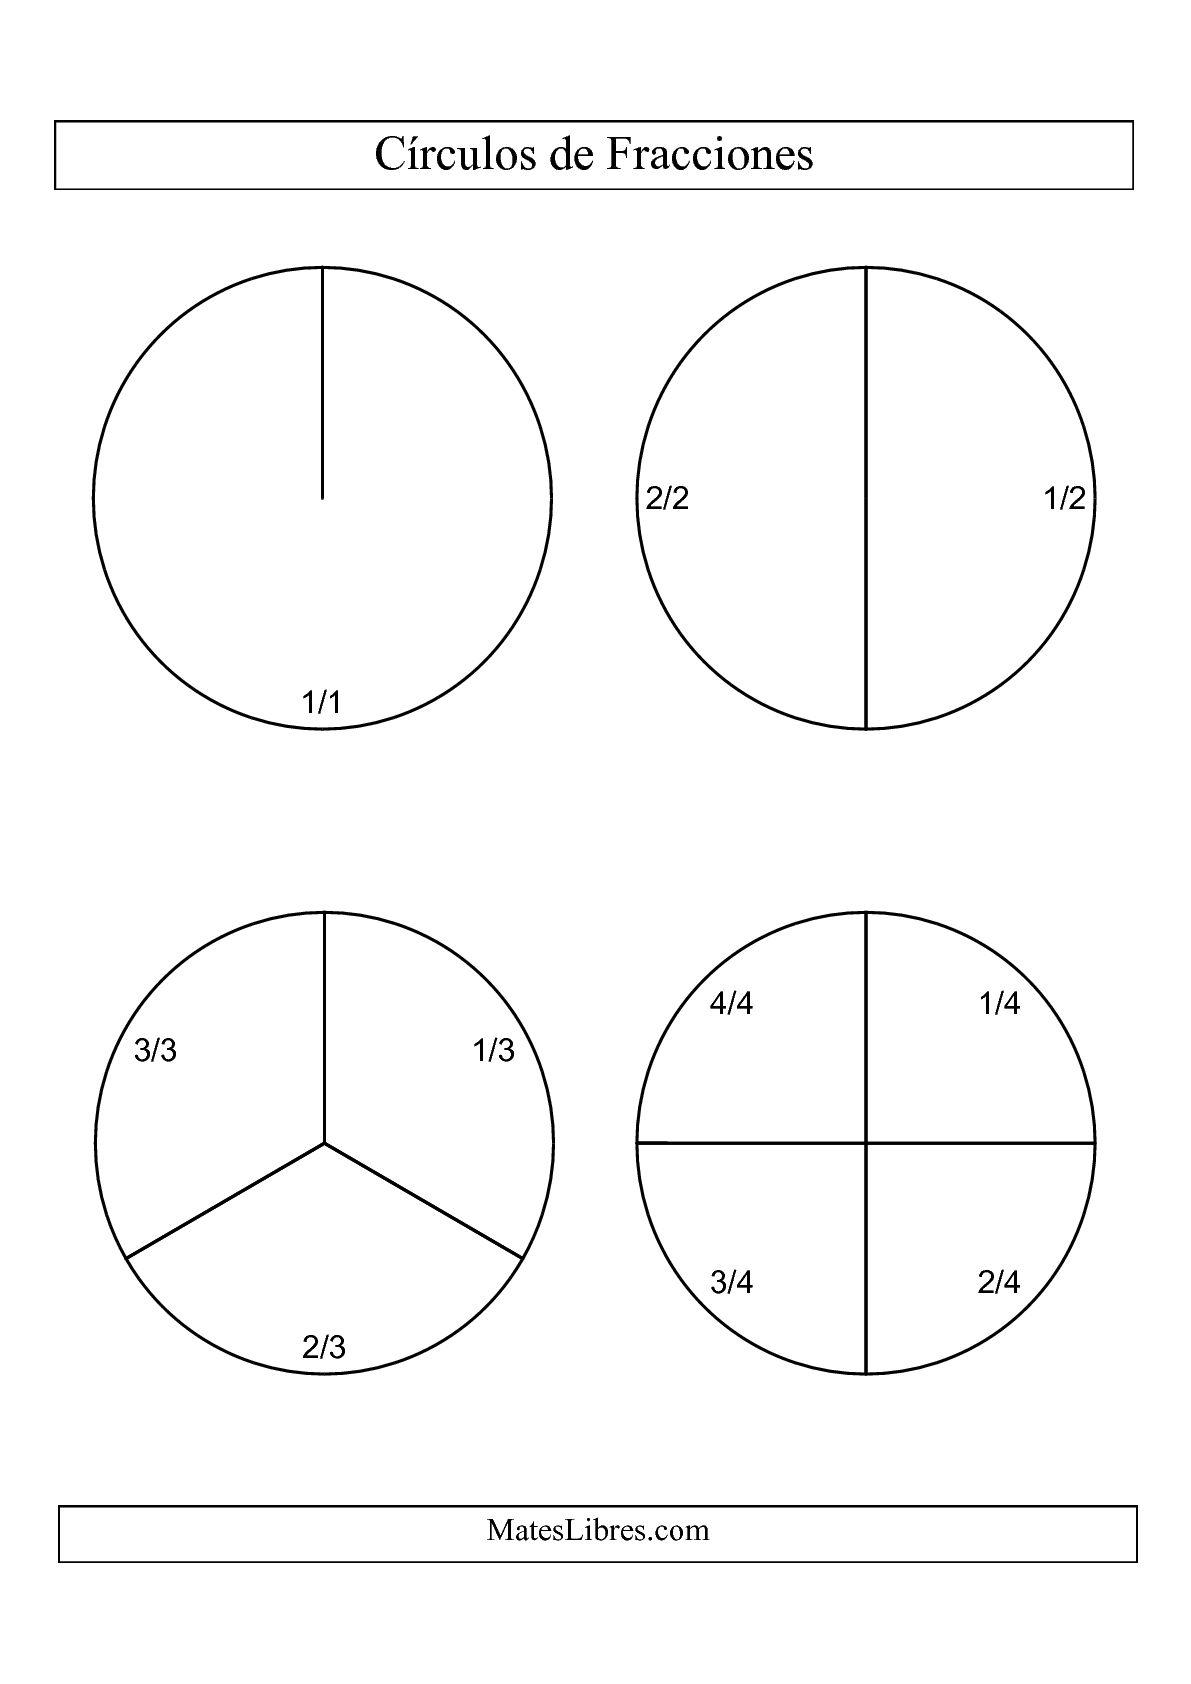 La Círculos en Blanco y Negro de Fracciones con Etiquetas (Grande) (B) Hoja de Ejercicio de Fracciones